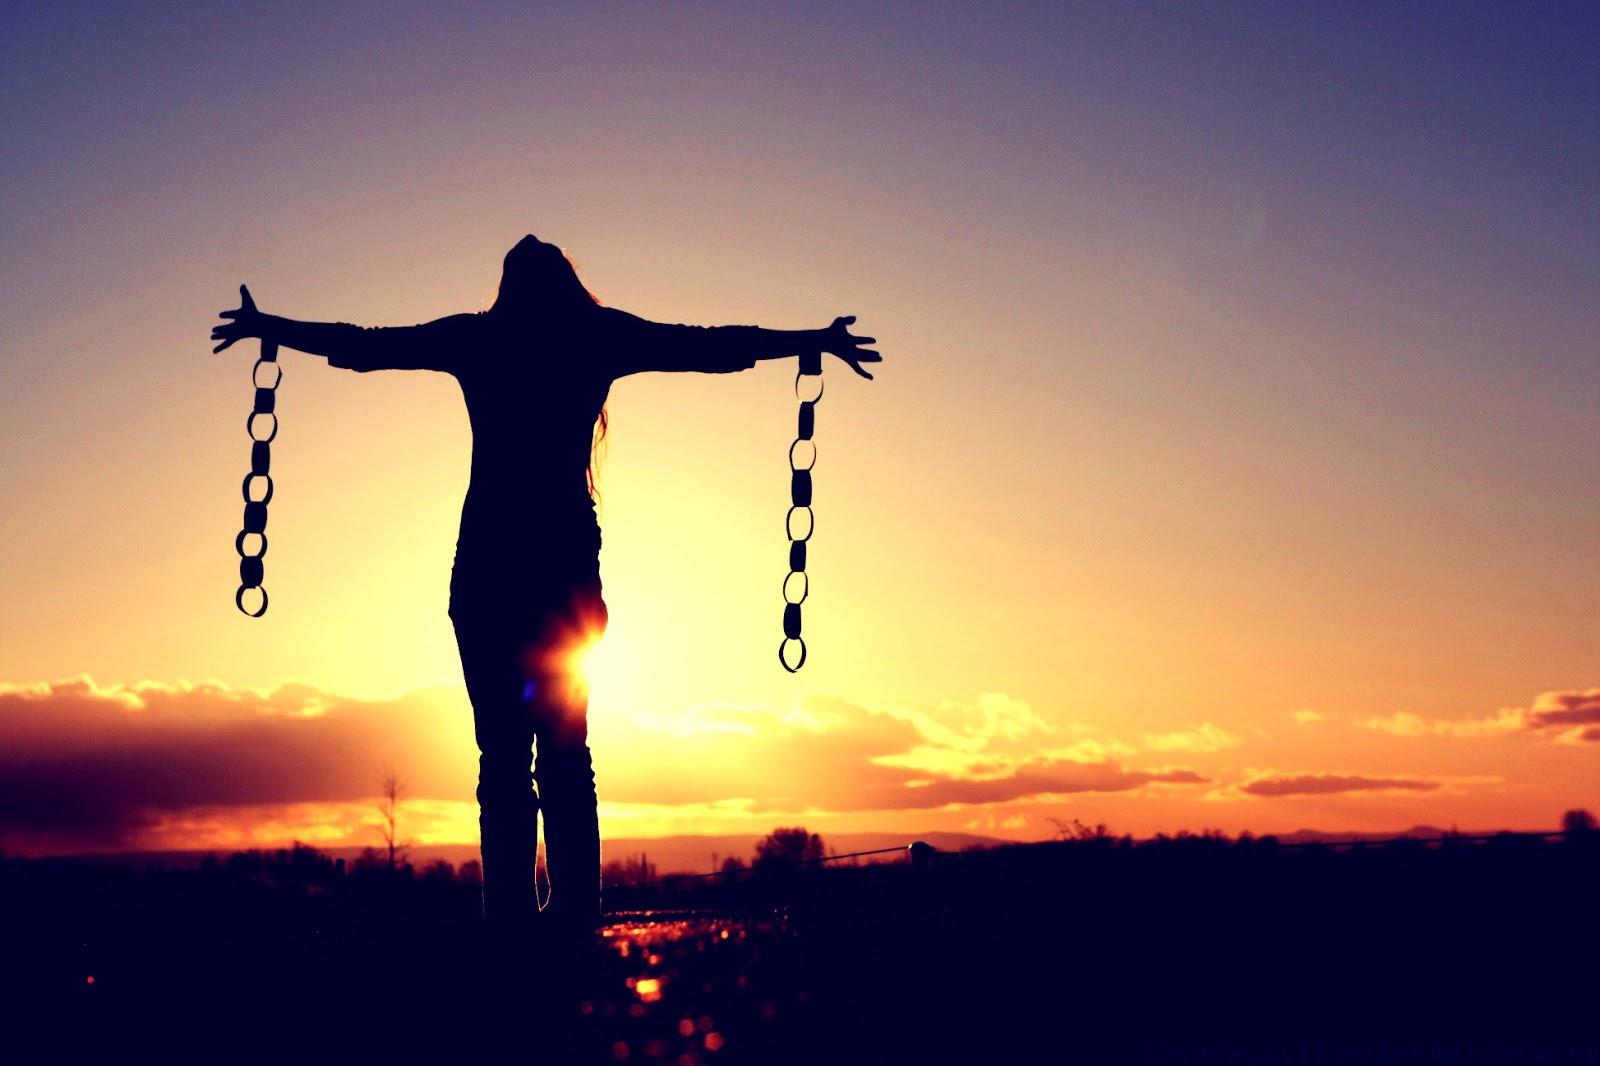 Frie menneske finst det einast der det er eit fritt folk.